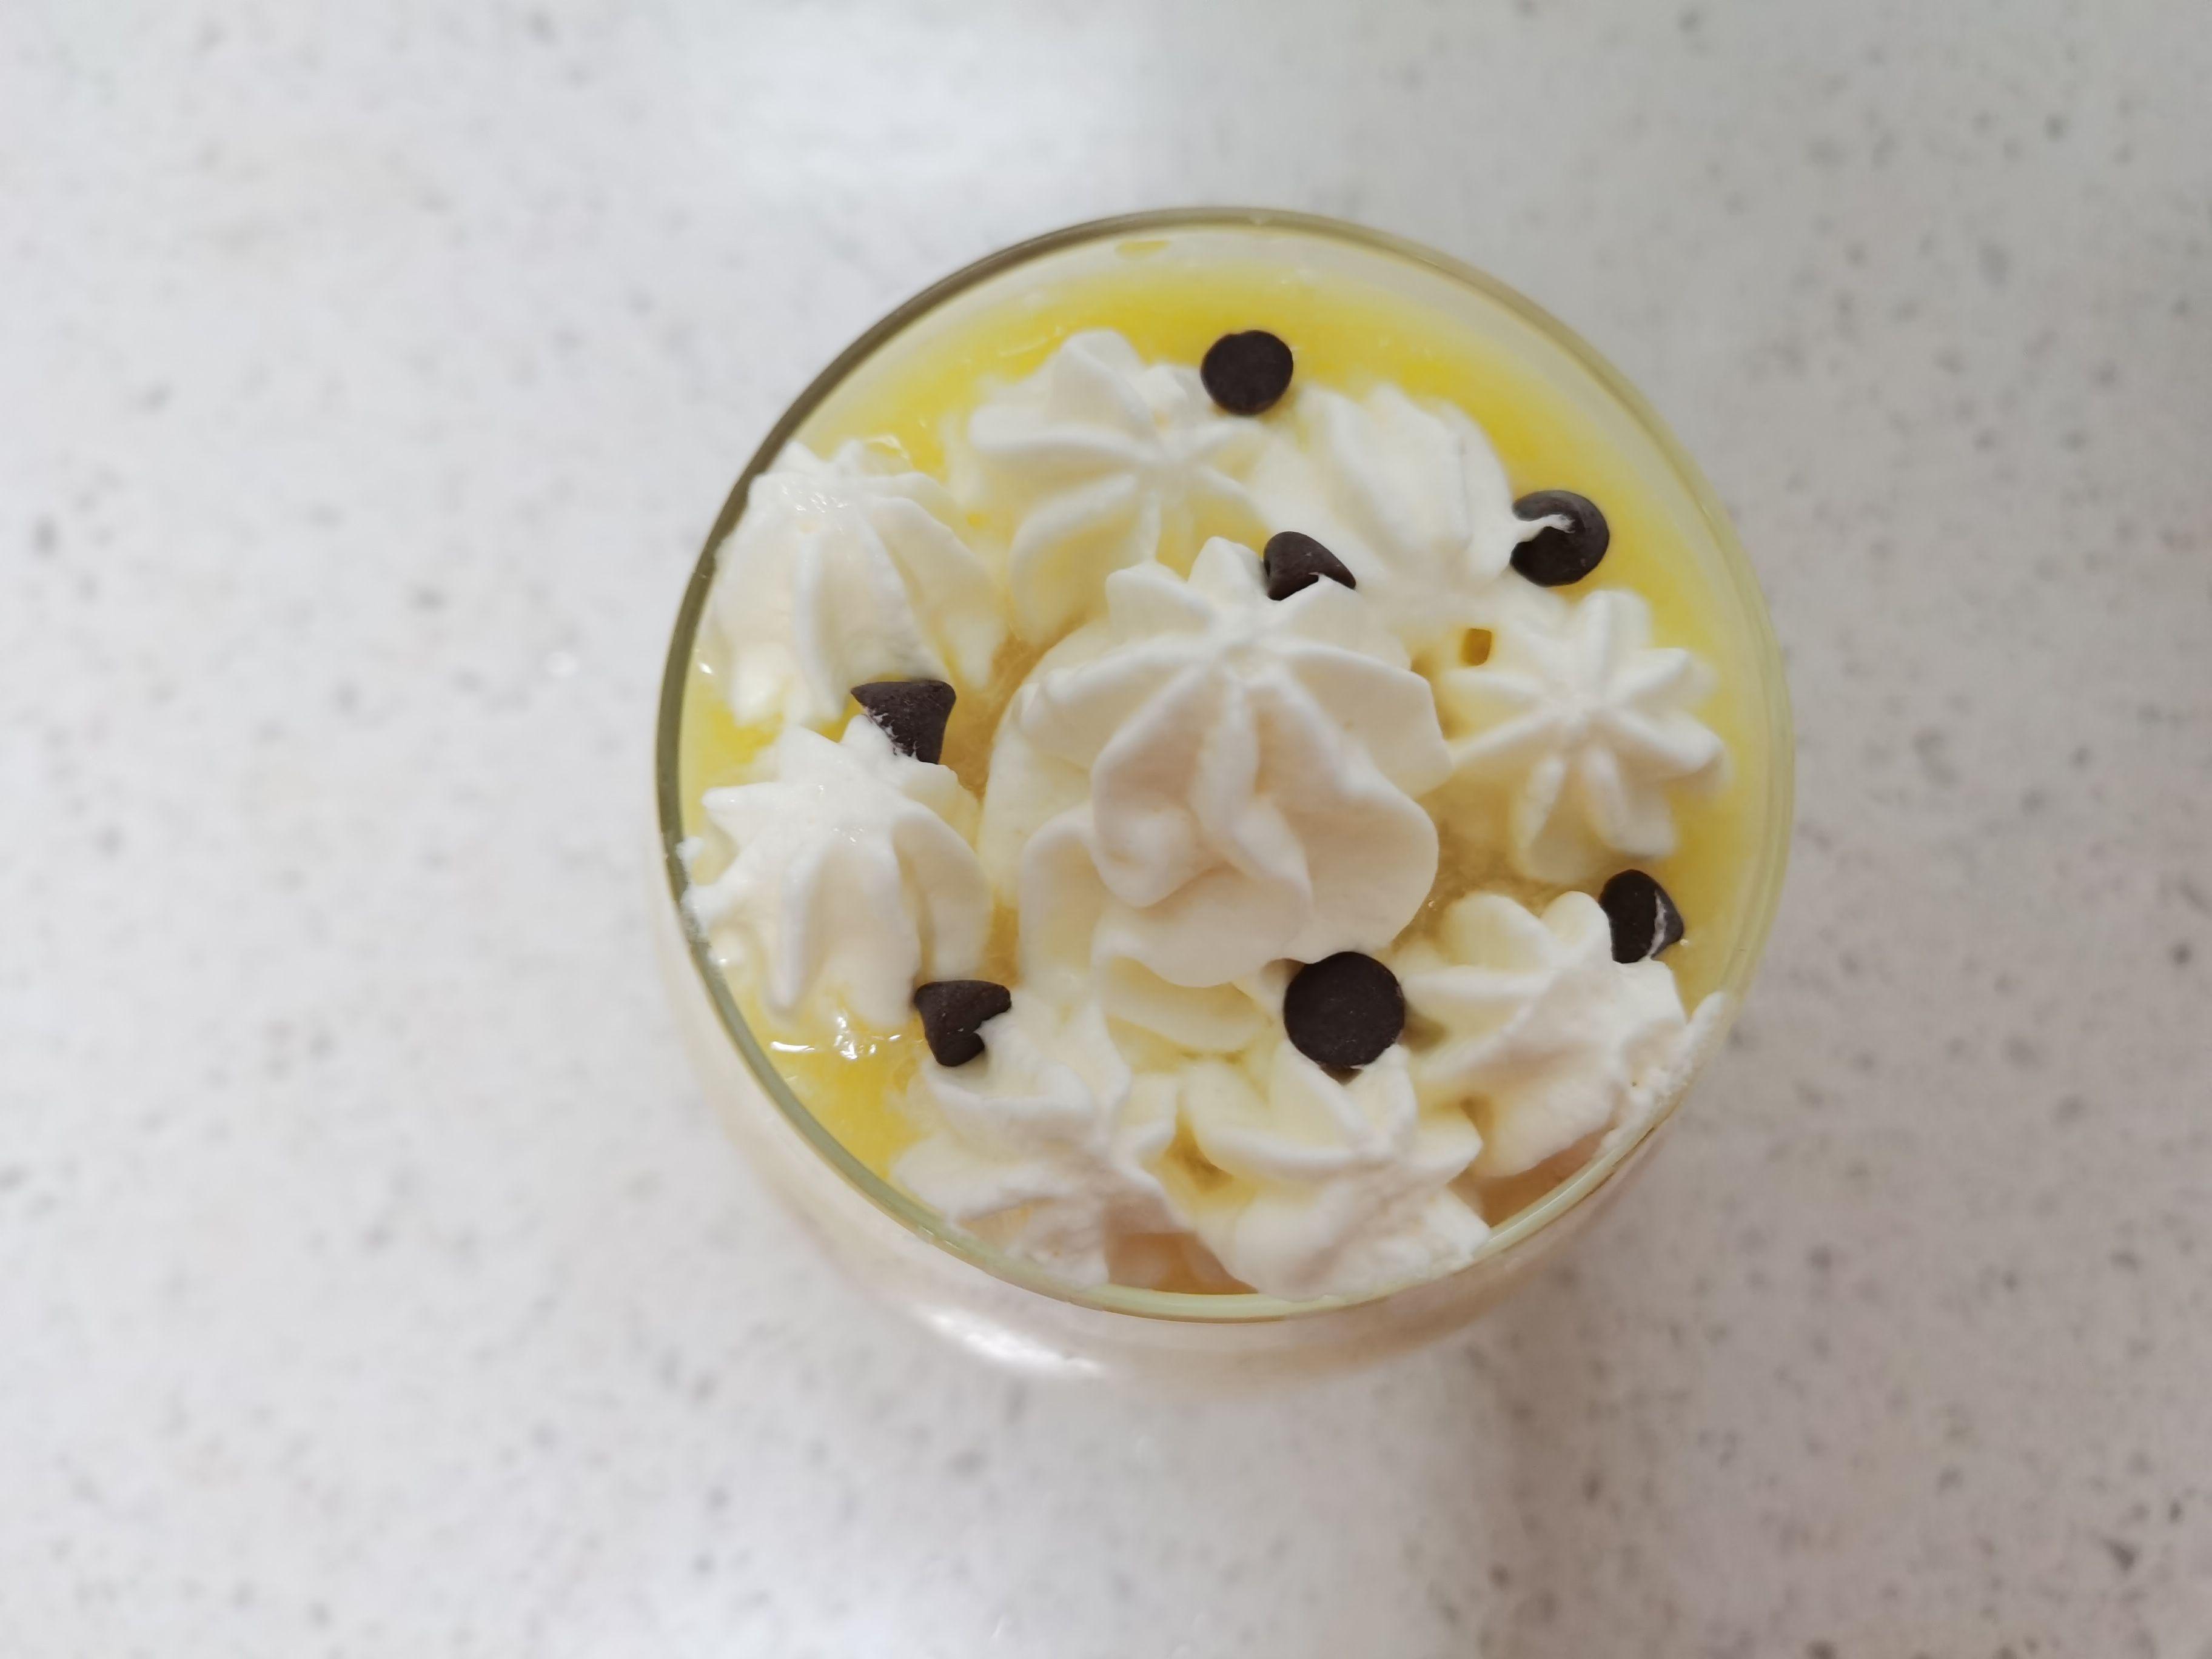 雪顶蔓越莓菠萝黑糖苏打水怎么煮